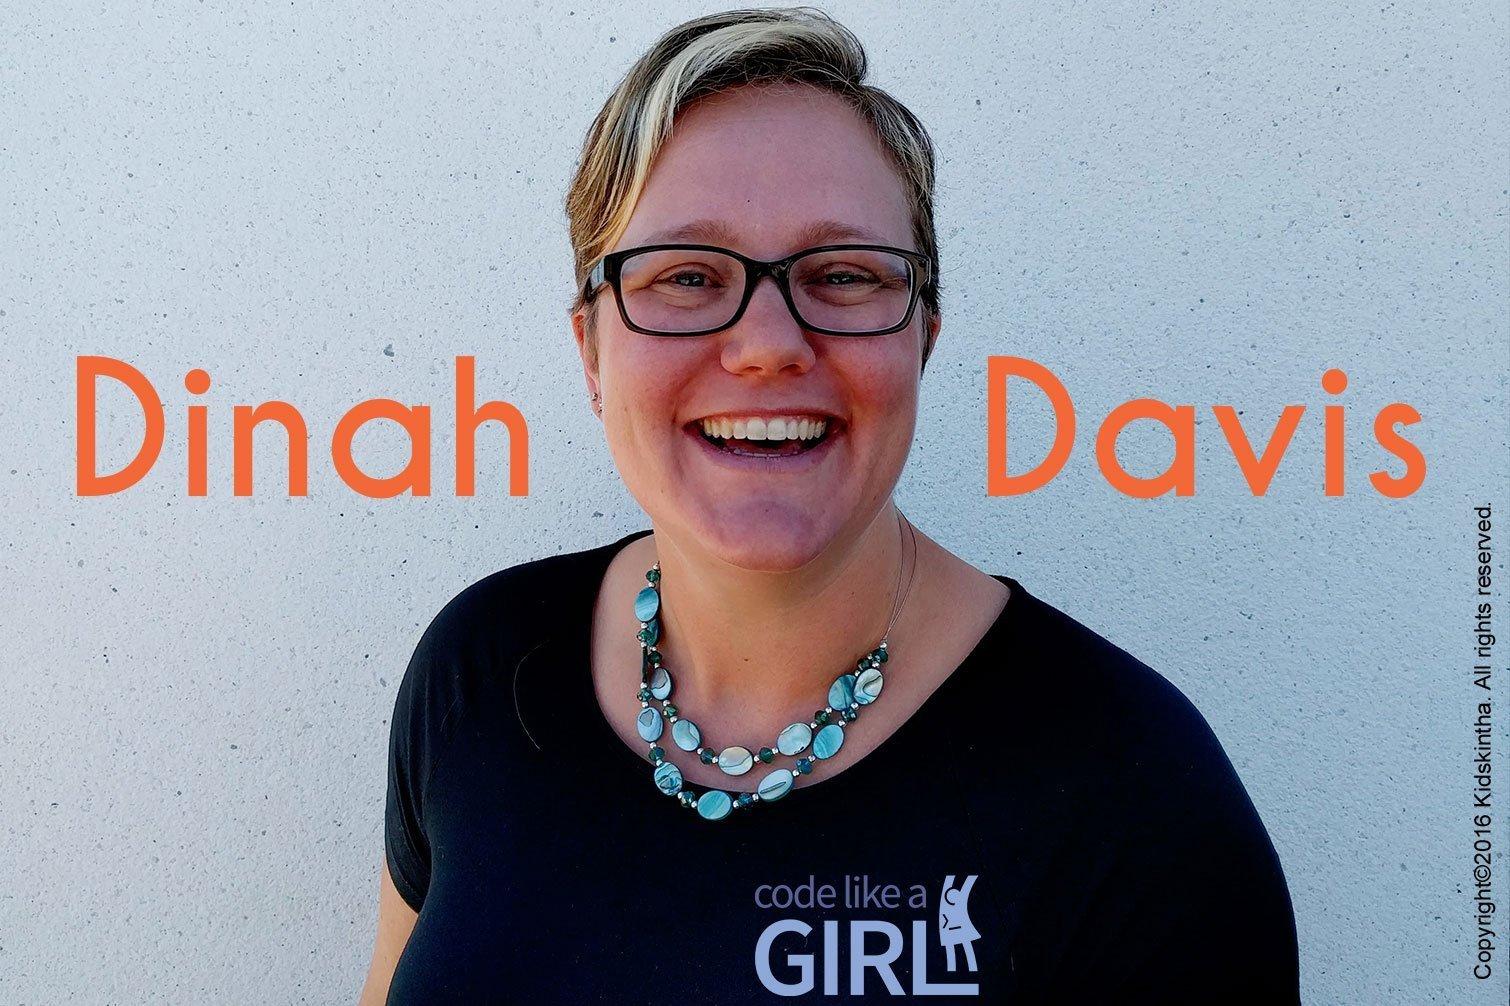 Dinah Davis